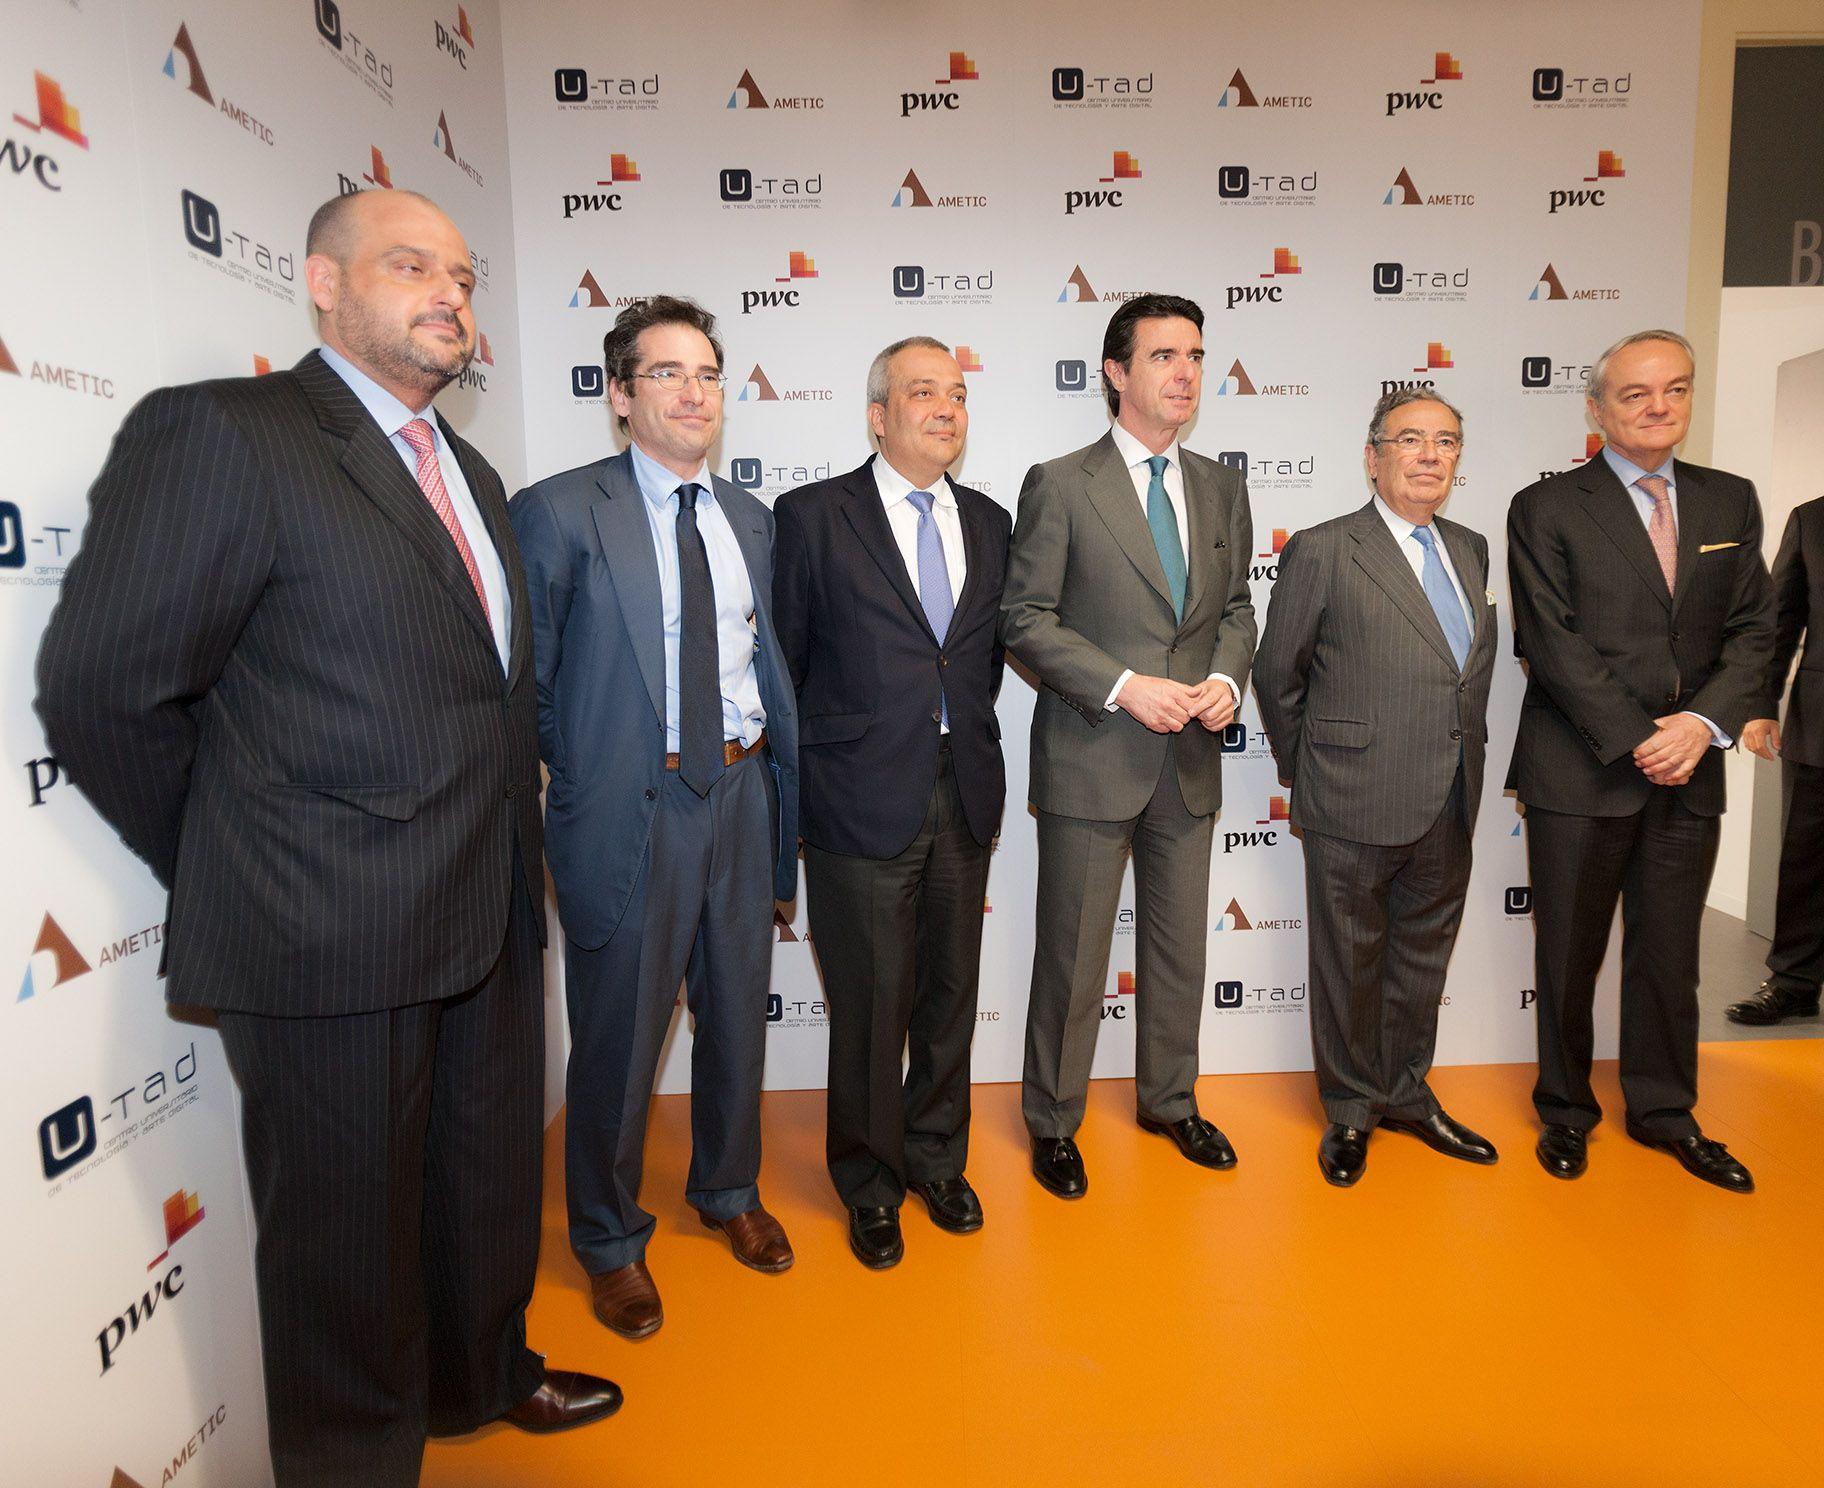 La economía digital mueve en España 25.900 millones